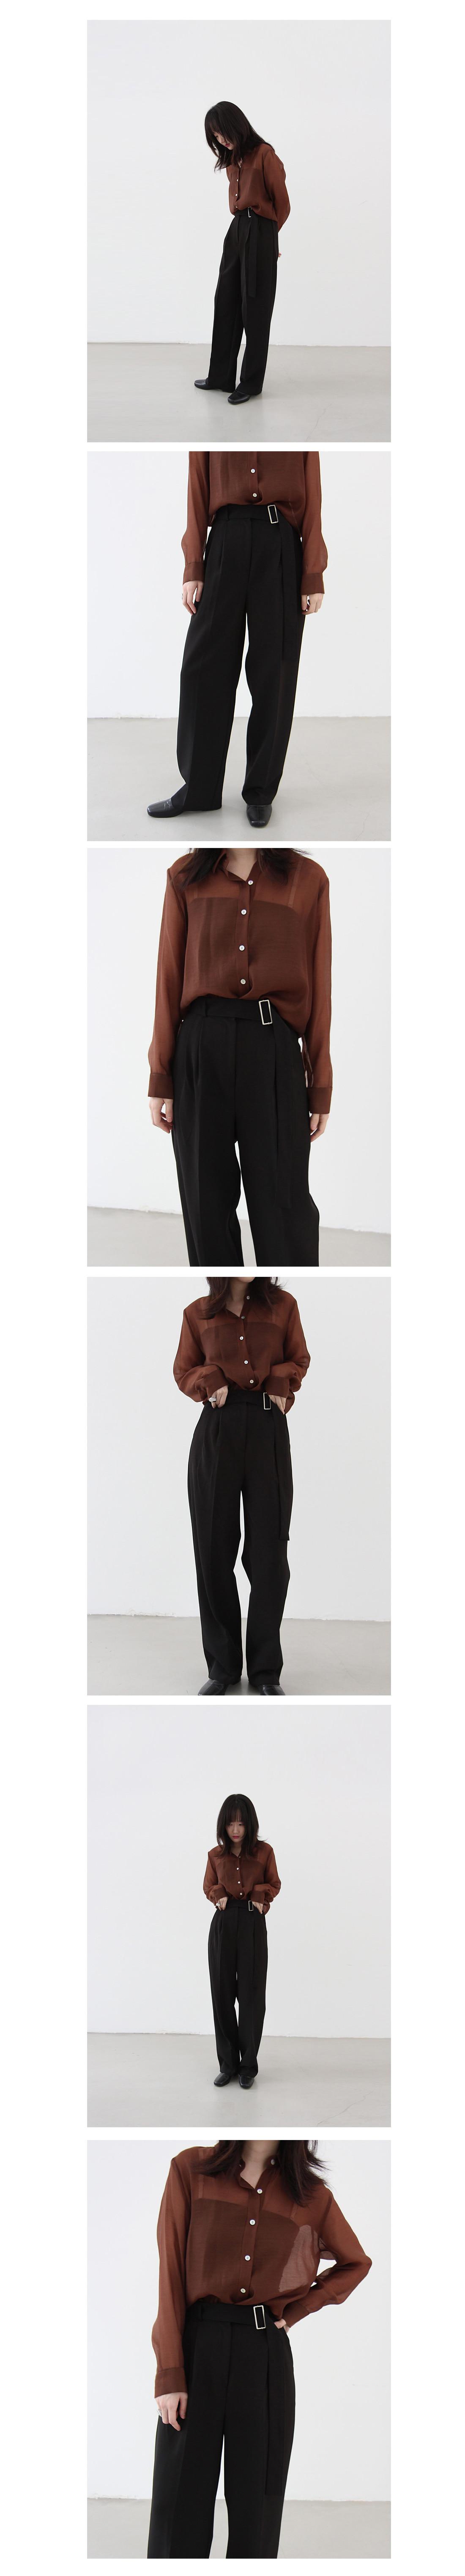 Belt slacks